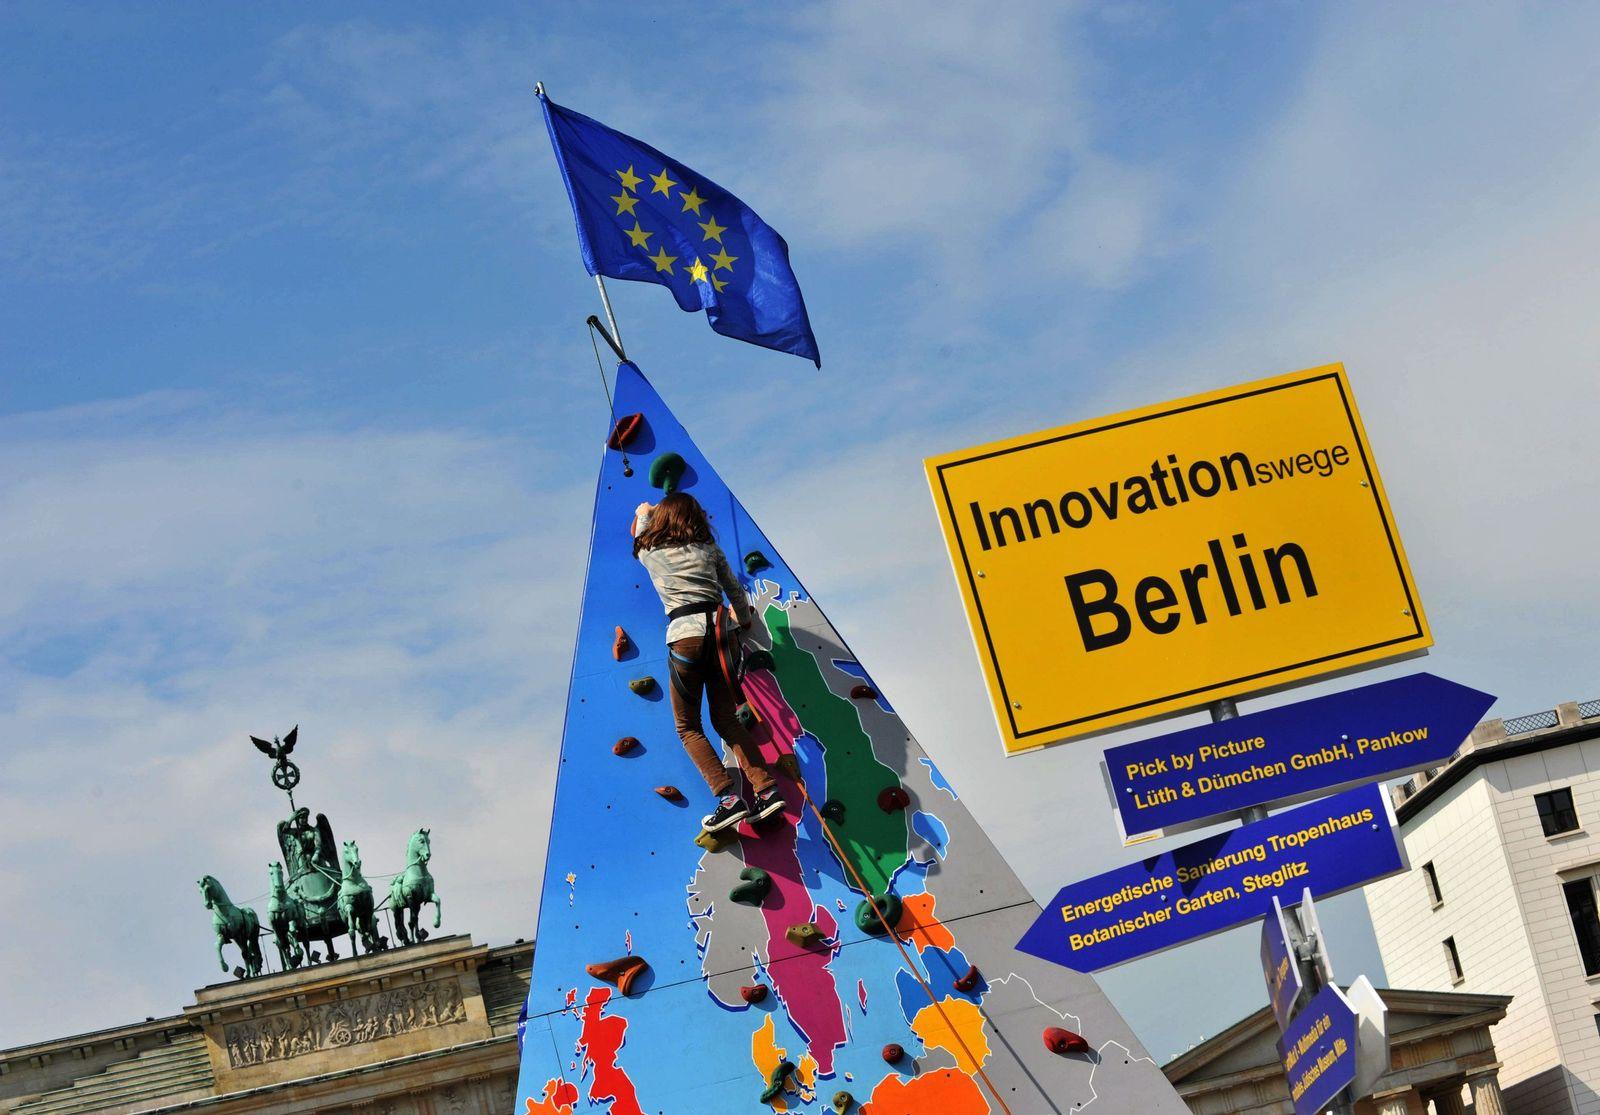 Europawoche in Berlin